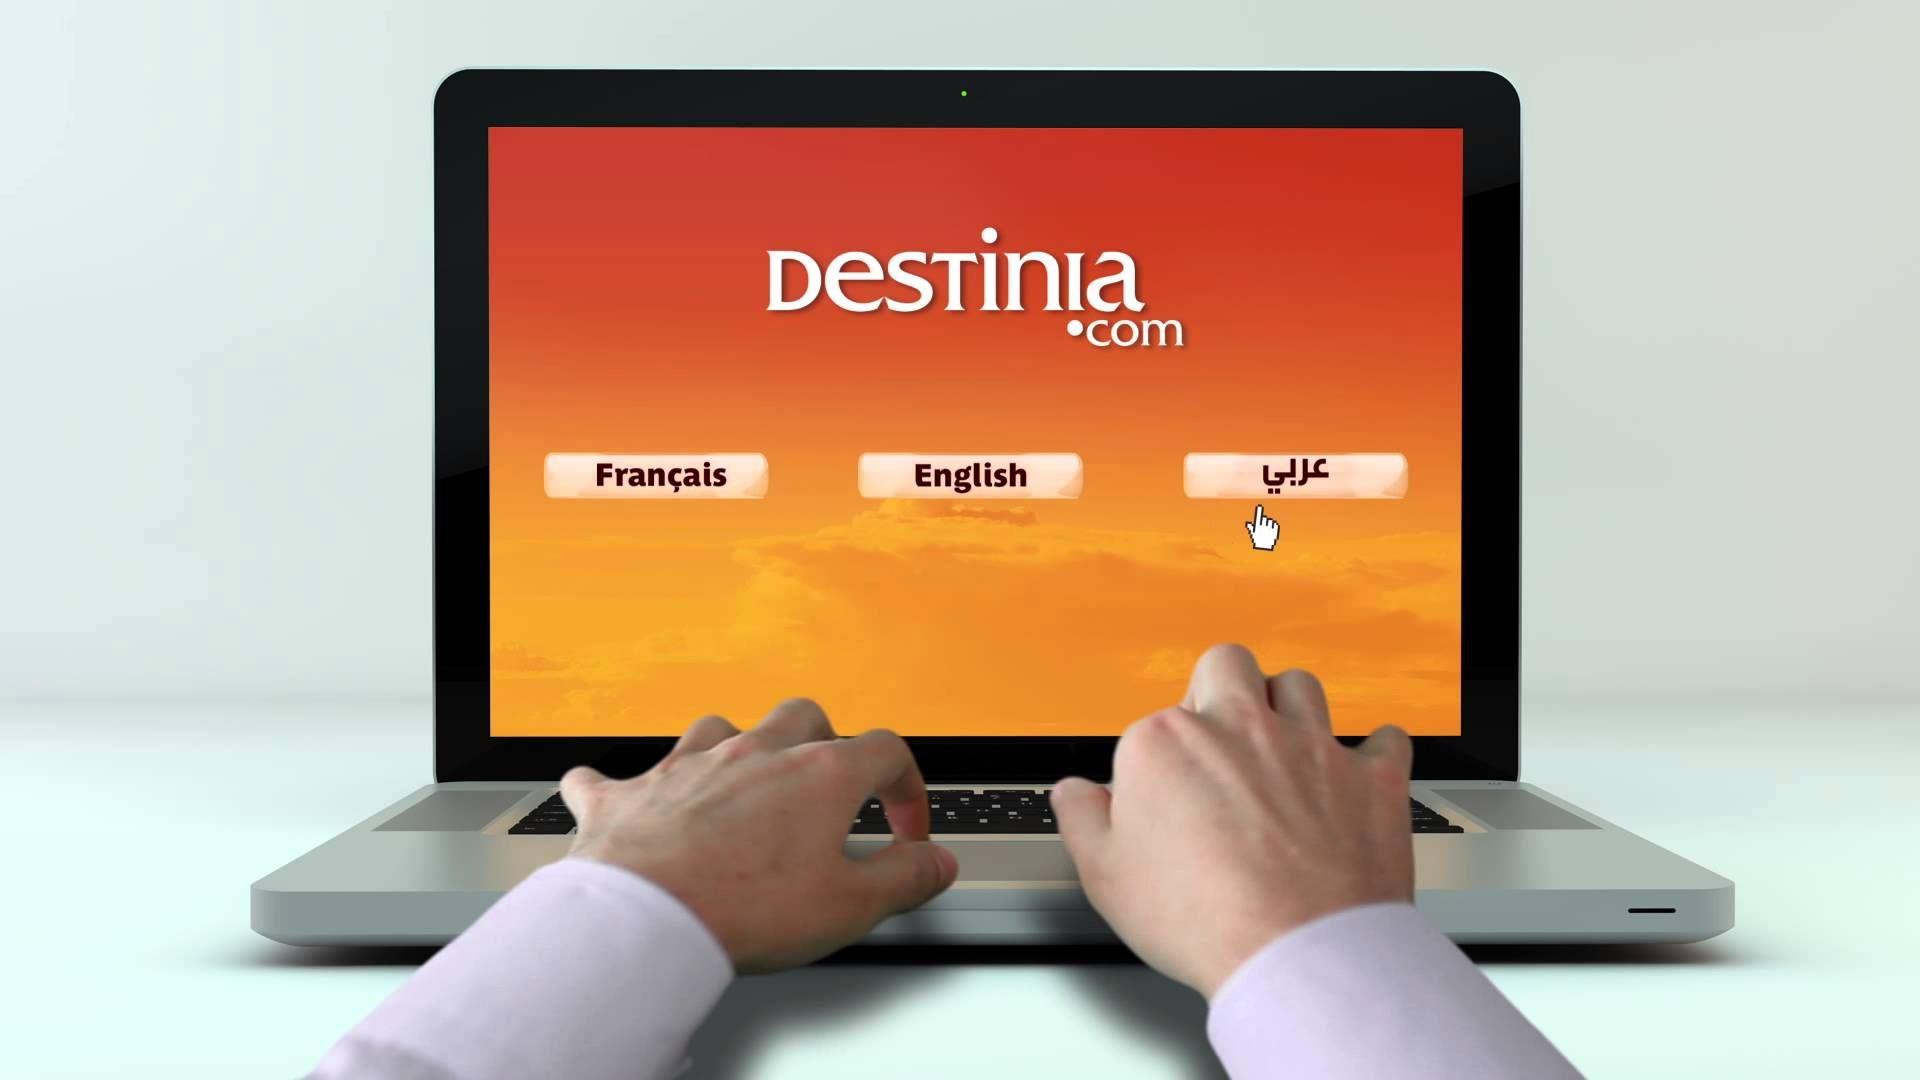 اخبار الامارات العاجلة -ديستينيا موقع ديستينيا DESTINIA للحجز عبر الانترنت أخبار متنوعة  منوعات